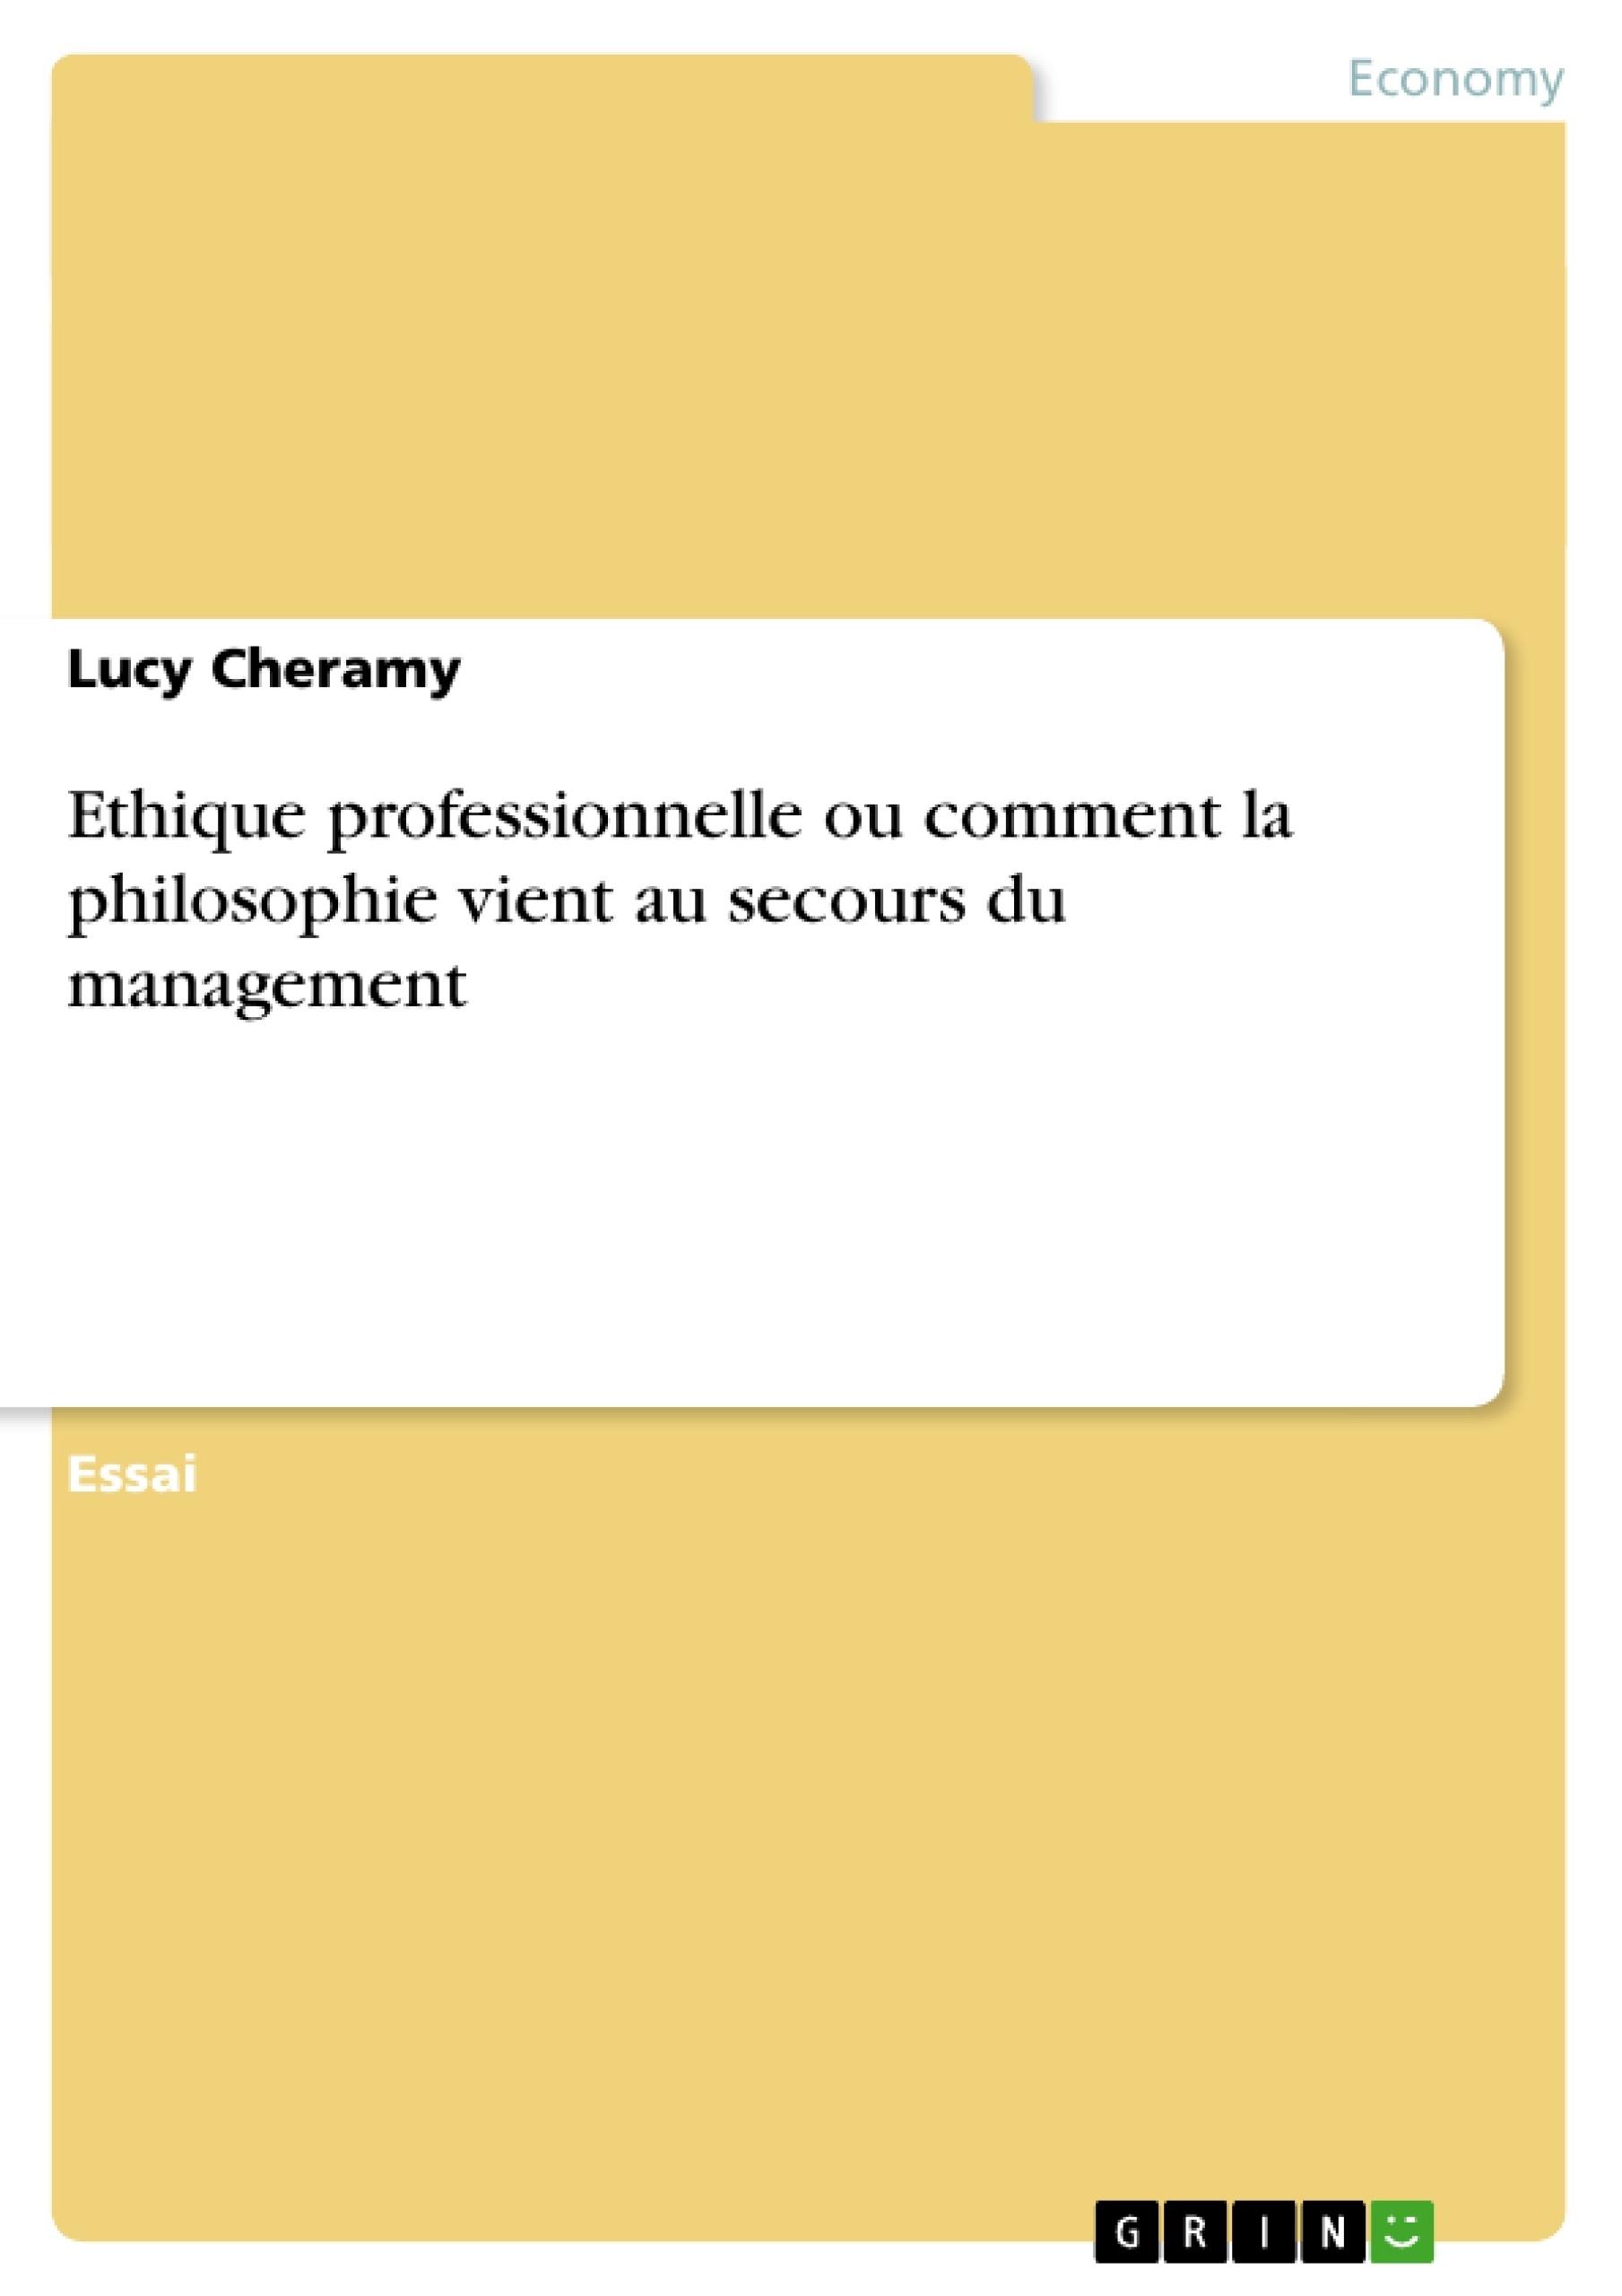 Titre: Ethique professionnelle ou comment la philosophie vient au secours du management